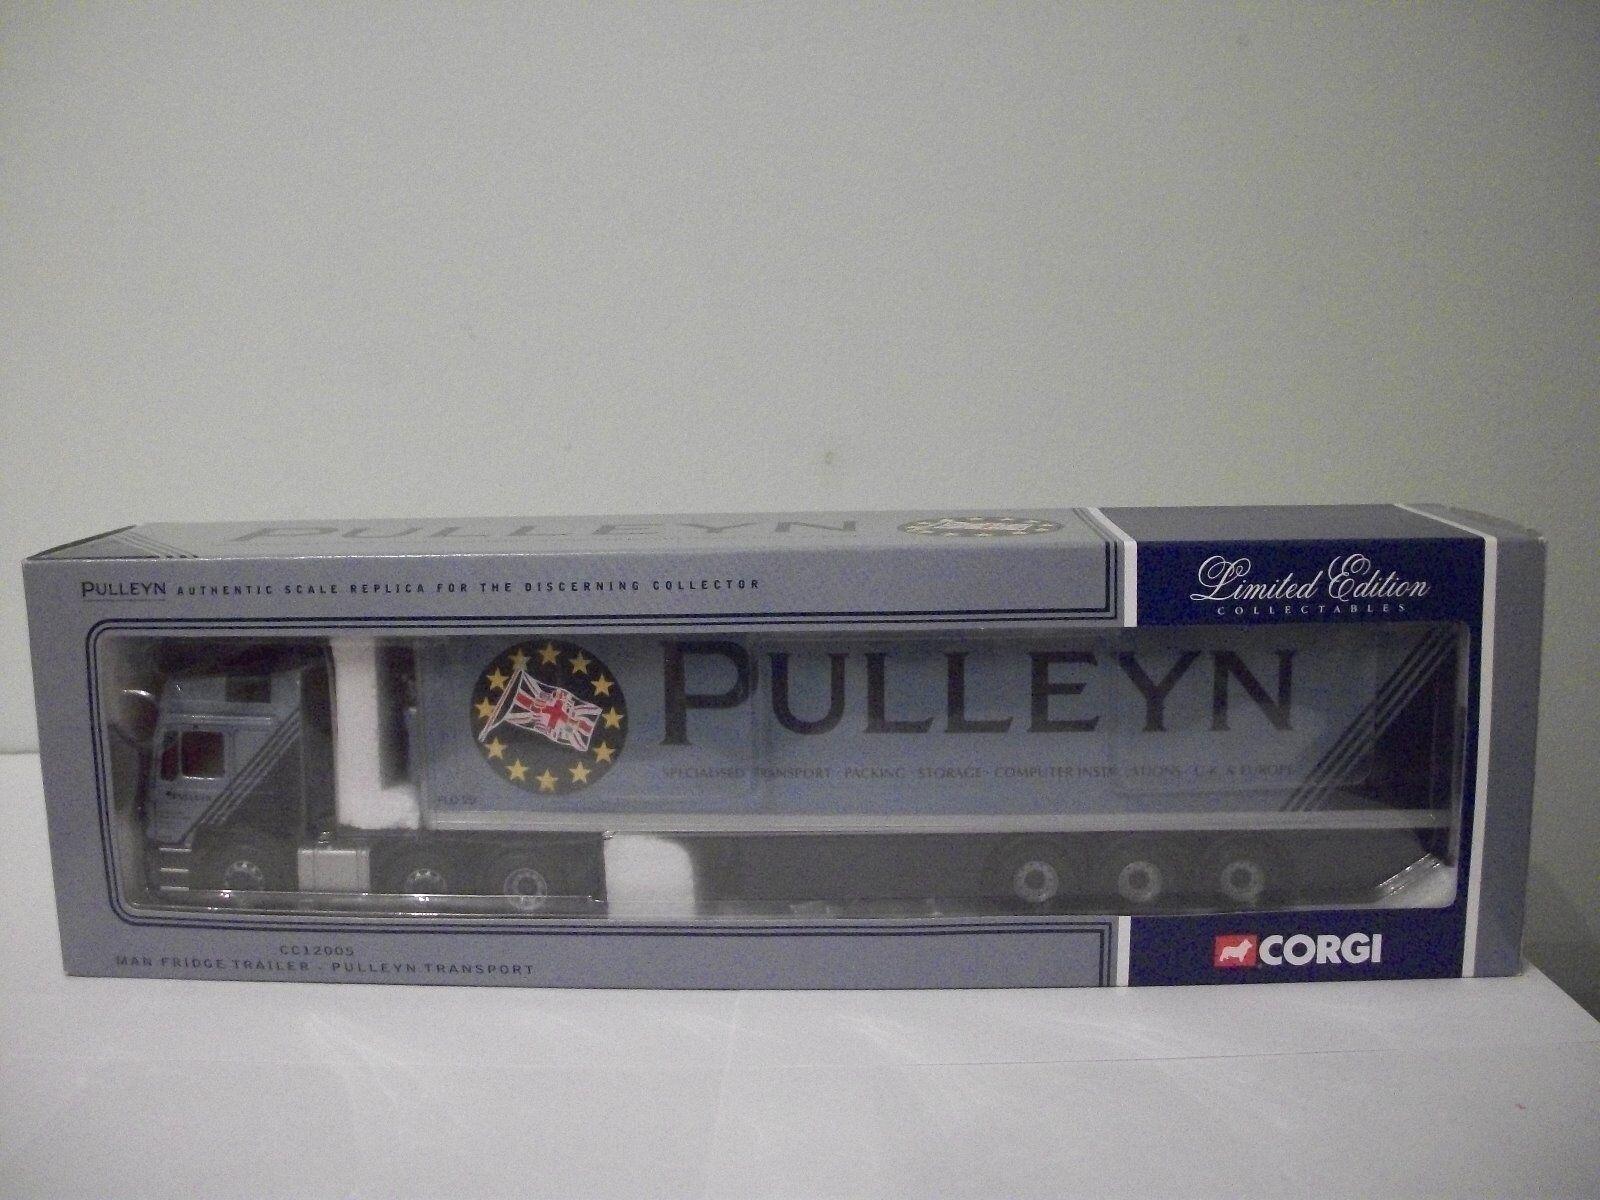 Corgi CC12005 1 50 Scale MAN Fridge Trailer Diecast Model – Pulleyn (MIB)